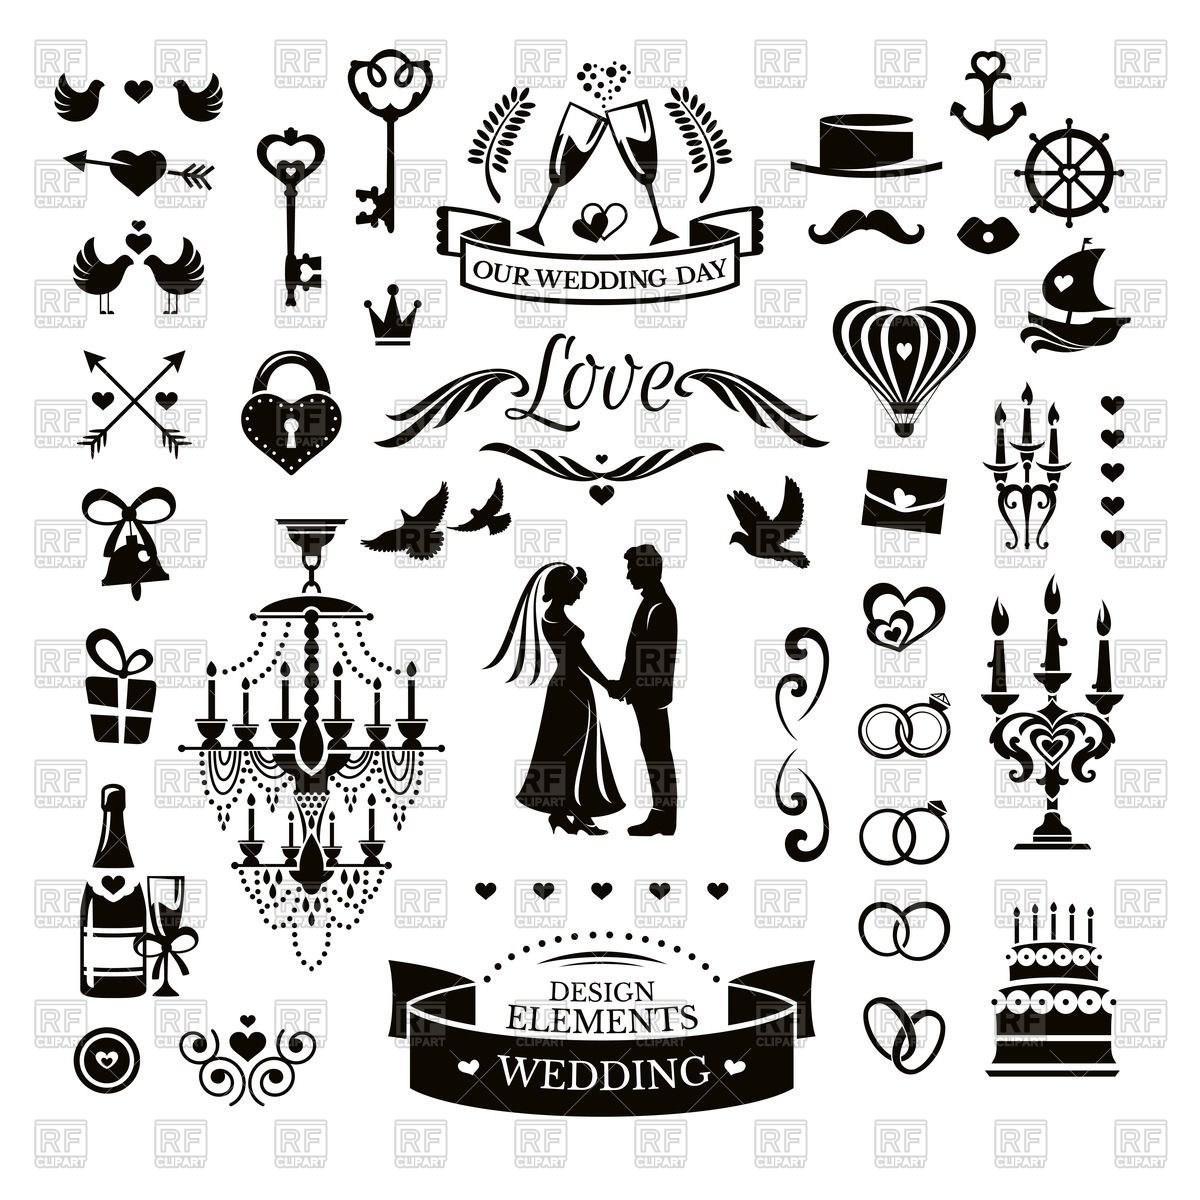 Wedding clipart fonts free download 1 » Clipart Portal.